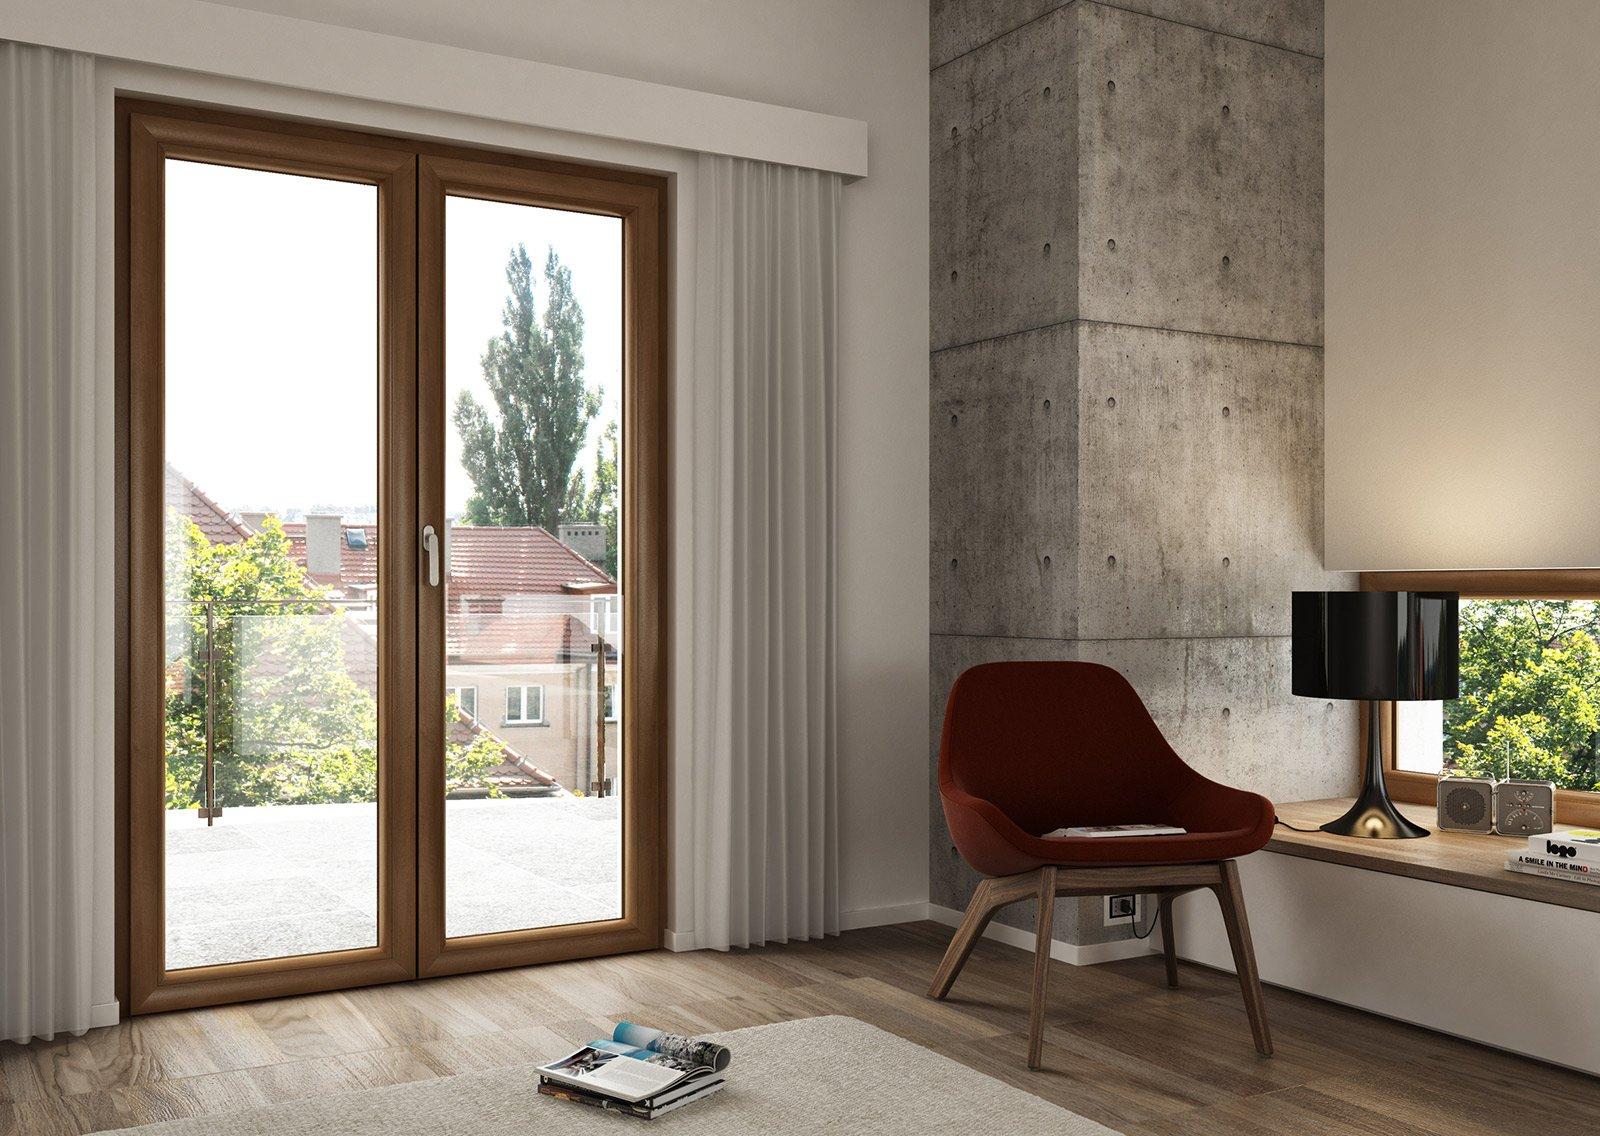 65 di sconto fiscale per le nuove finestre cose di casa - Serramenti per finestre ...